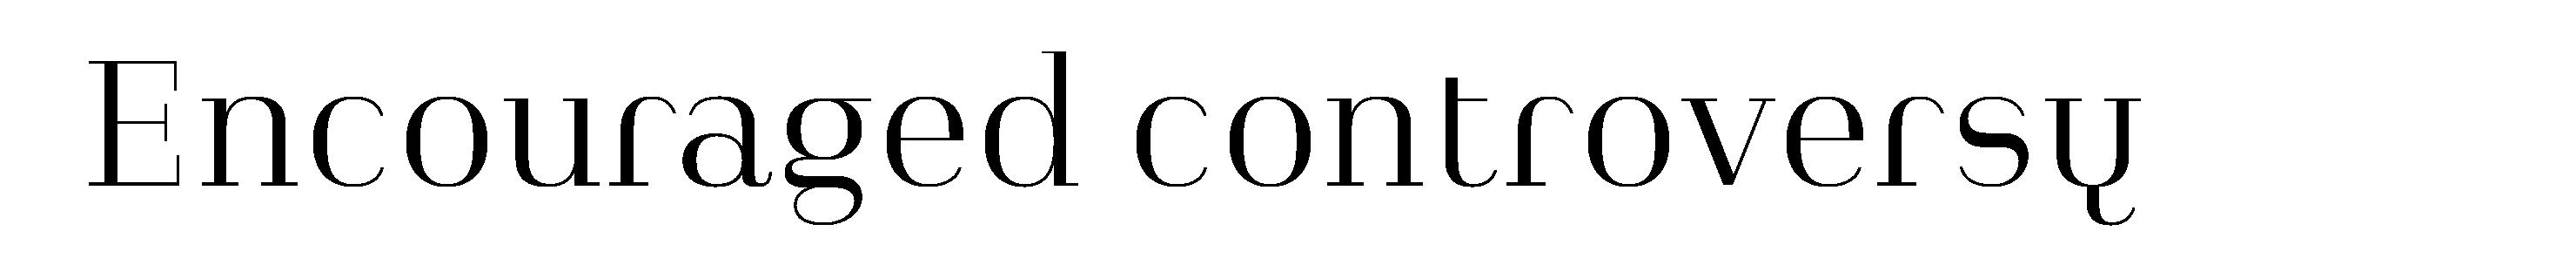 Typeface Heimat Didone D02 Atlas Font Foundry